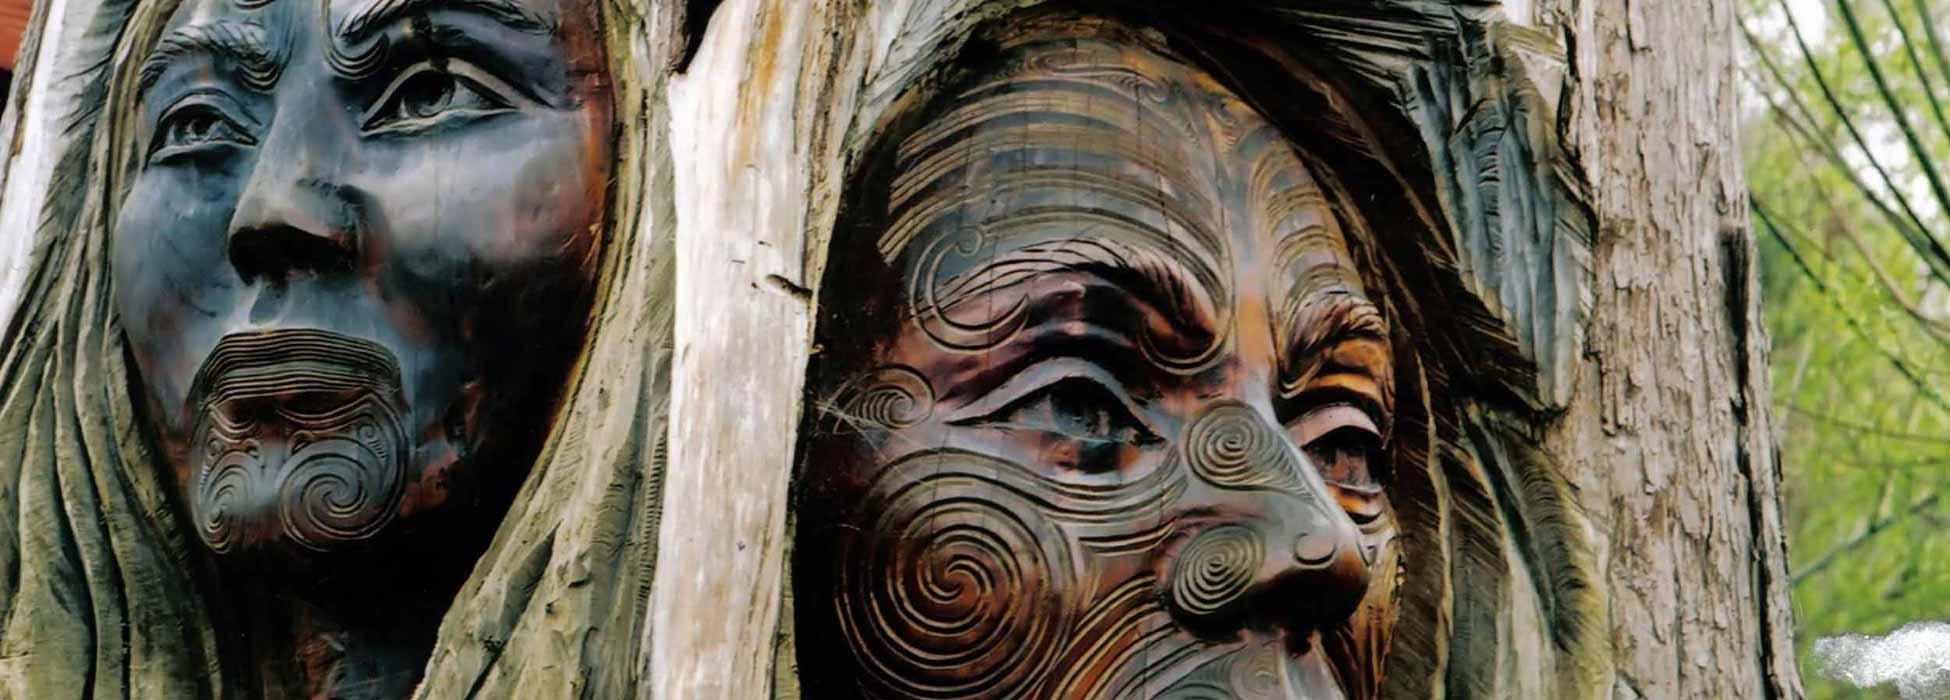 Te-Waiwaia-Maori-Healing-Carvings_1950x700